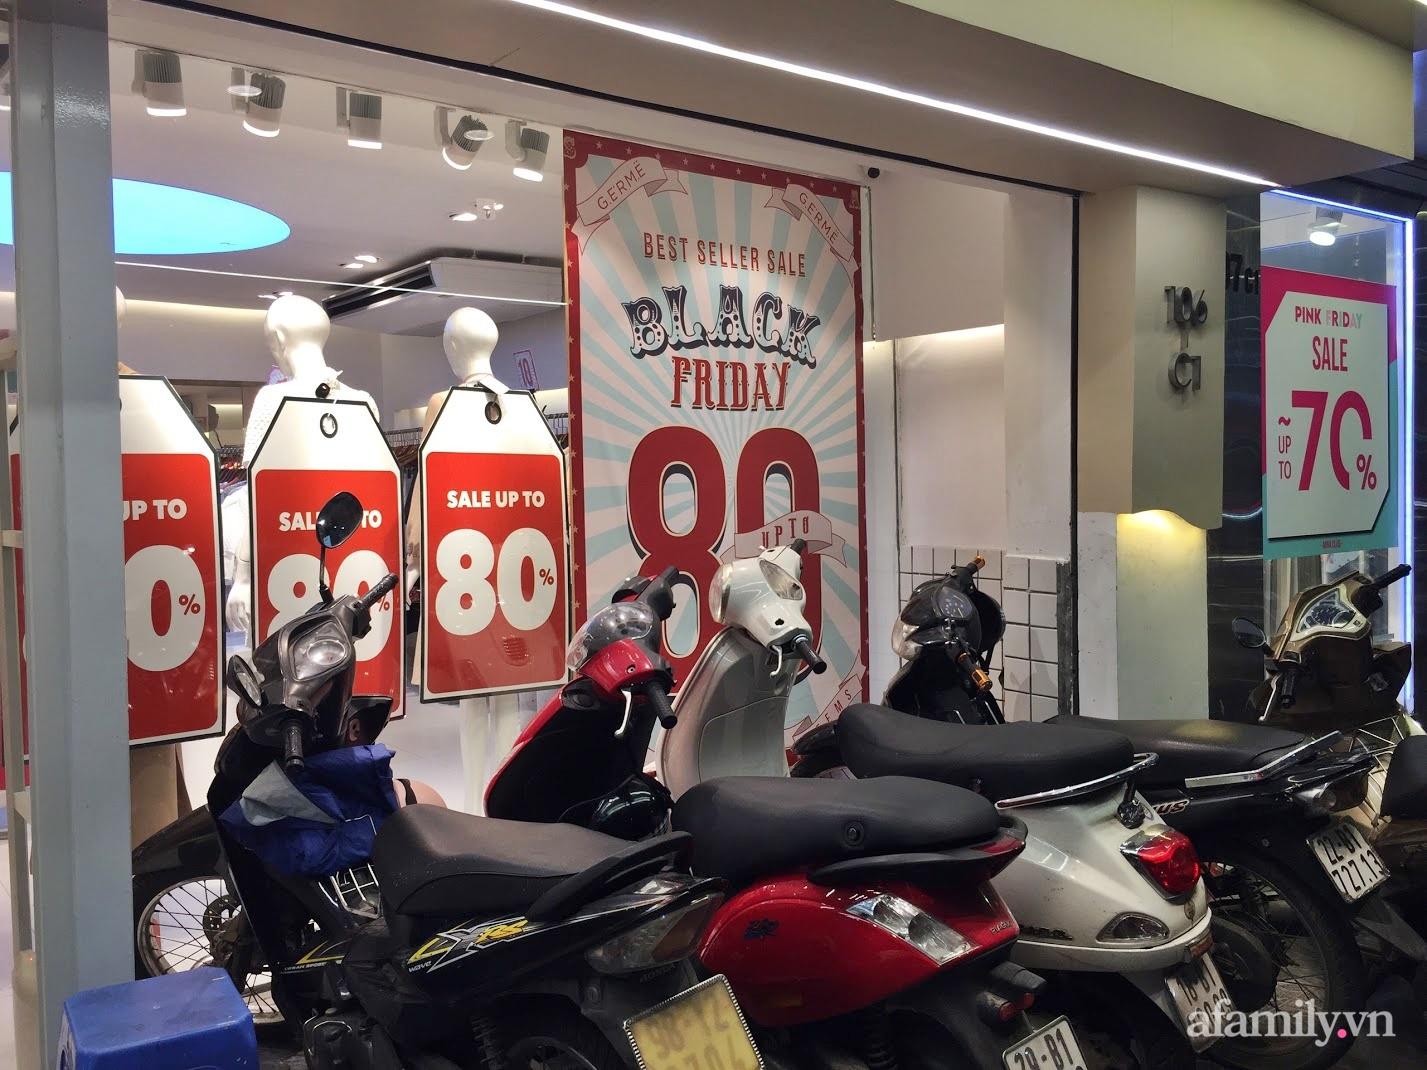 Hà Nội: Phố thời trang rợp biển giảm giá 80% trước ngày mua sắm Black Friday - Ảnh 7.